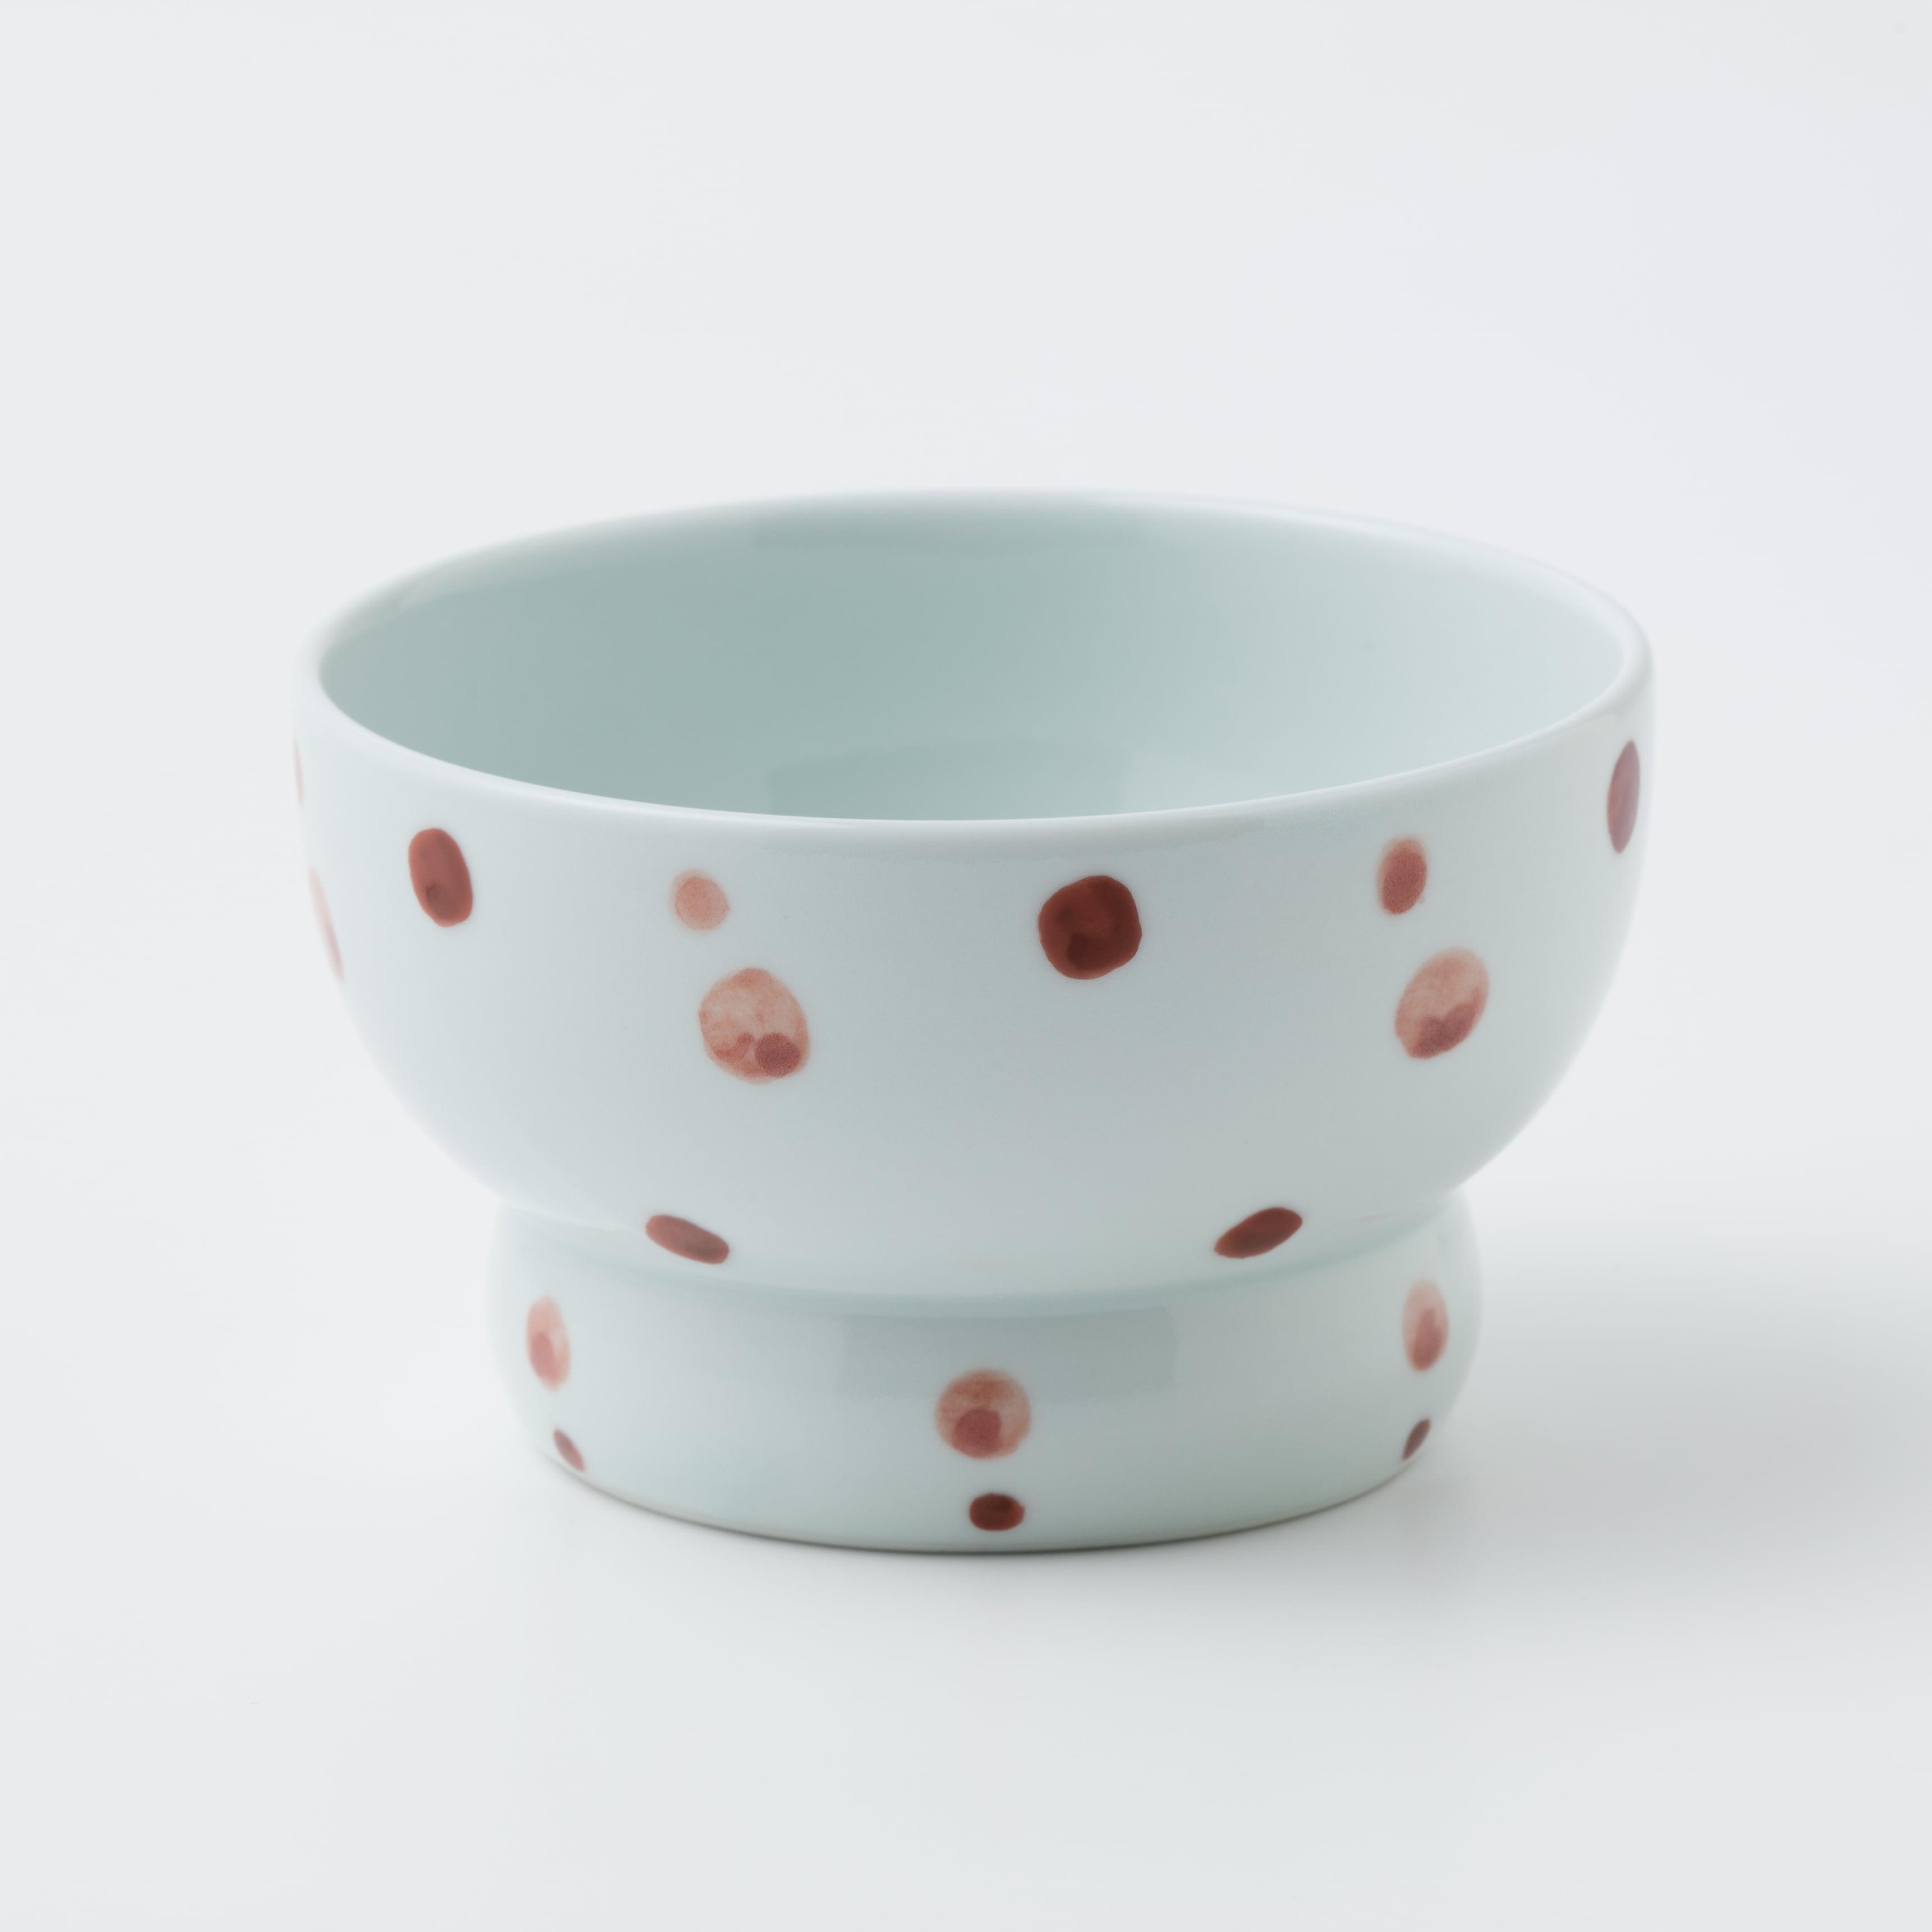 有田焼【まどか】 ロータイプ(水用) 赤い水玉  製造:江口製陶所